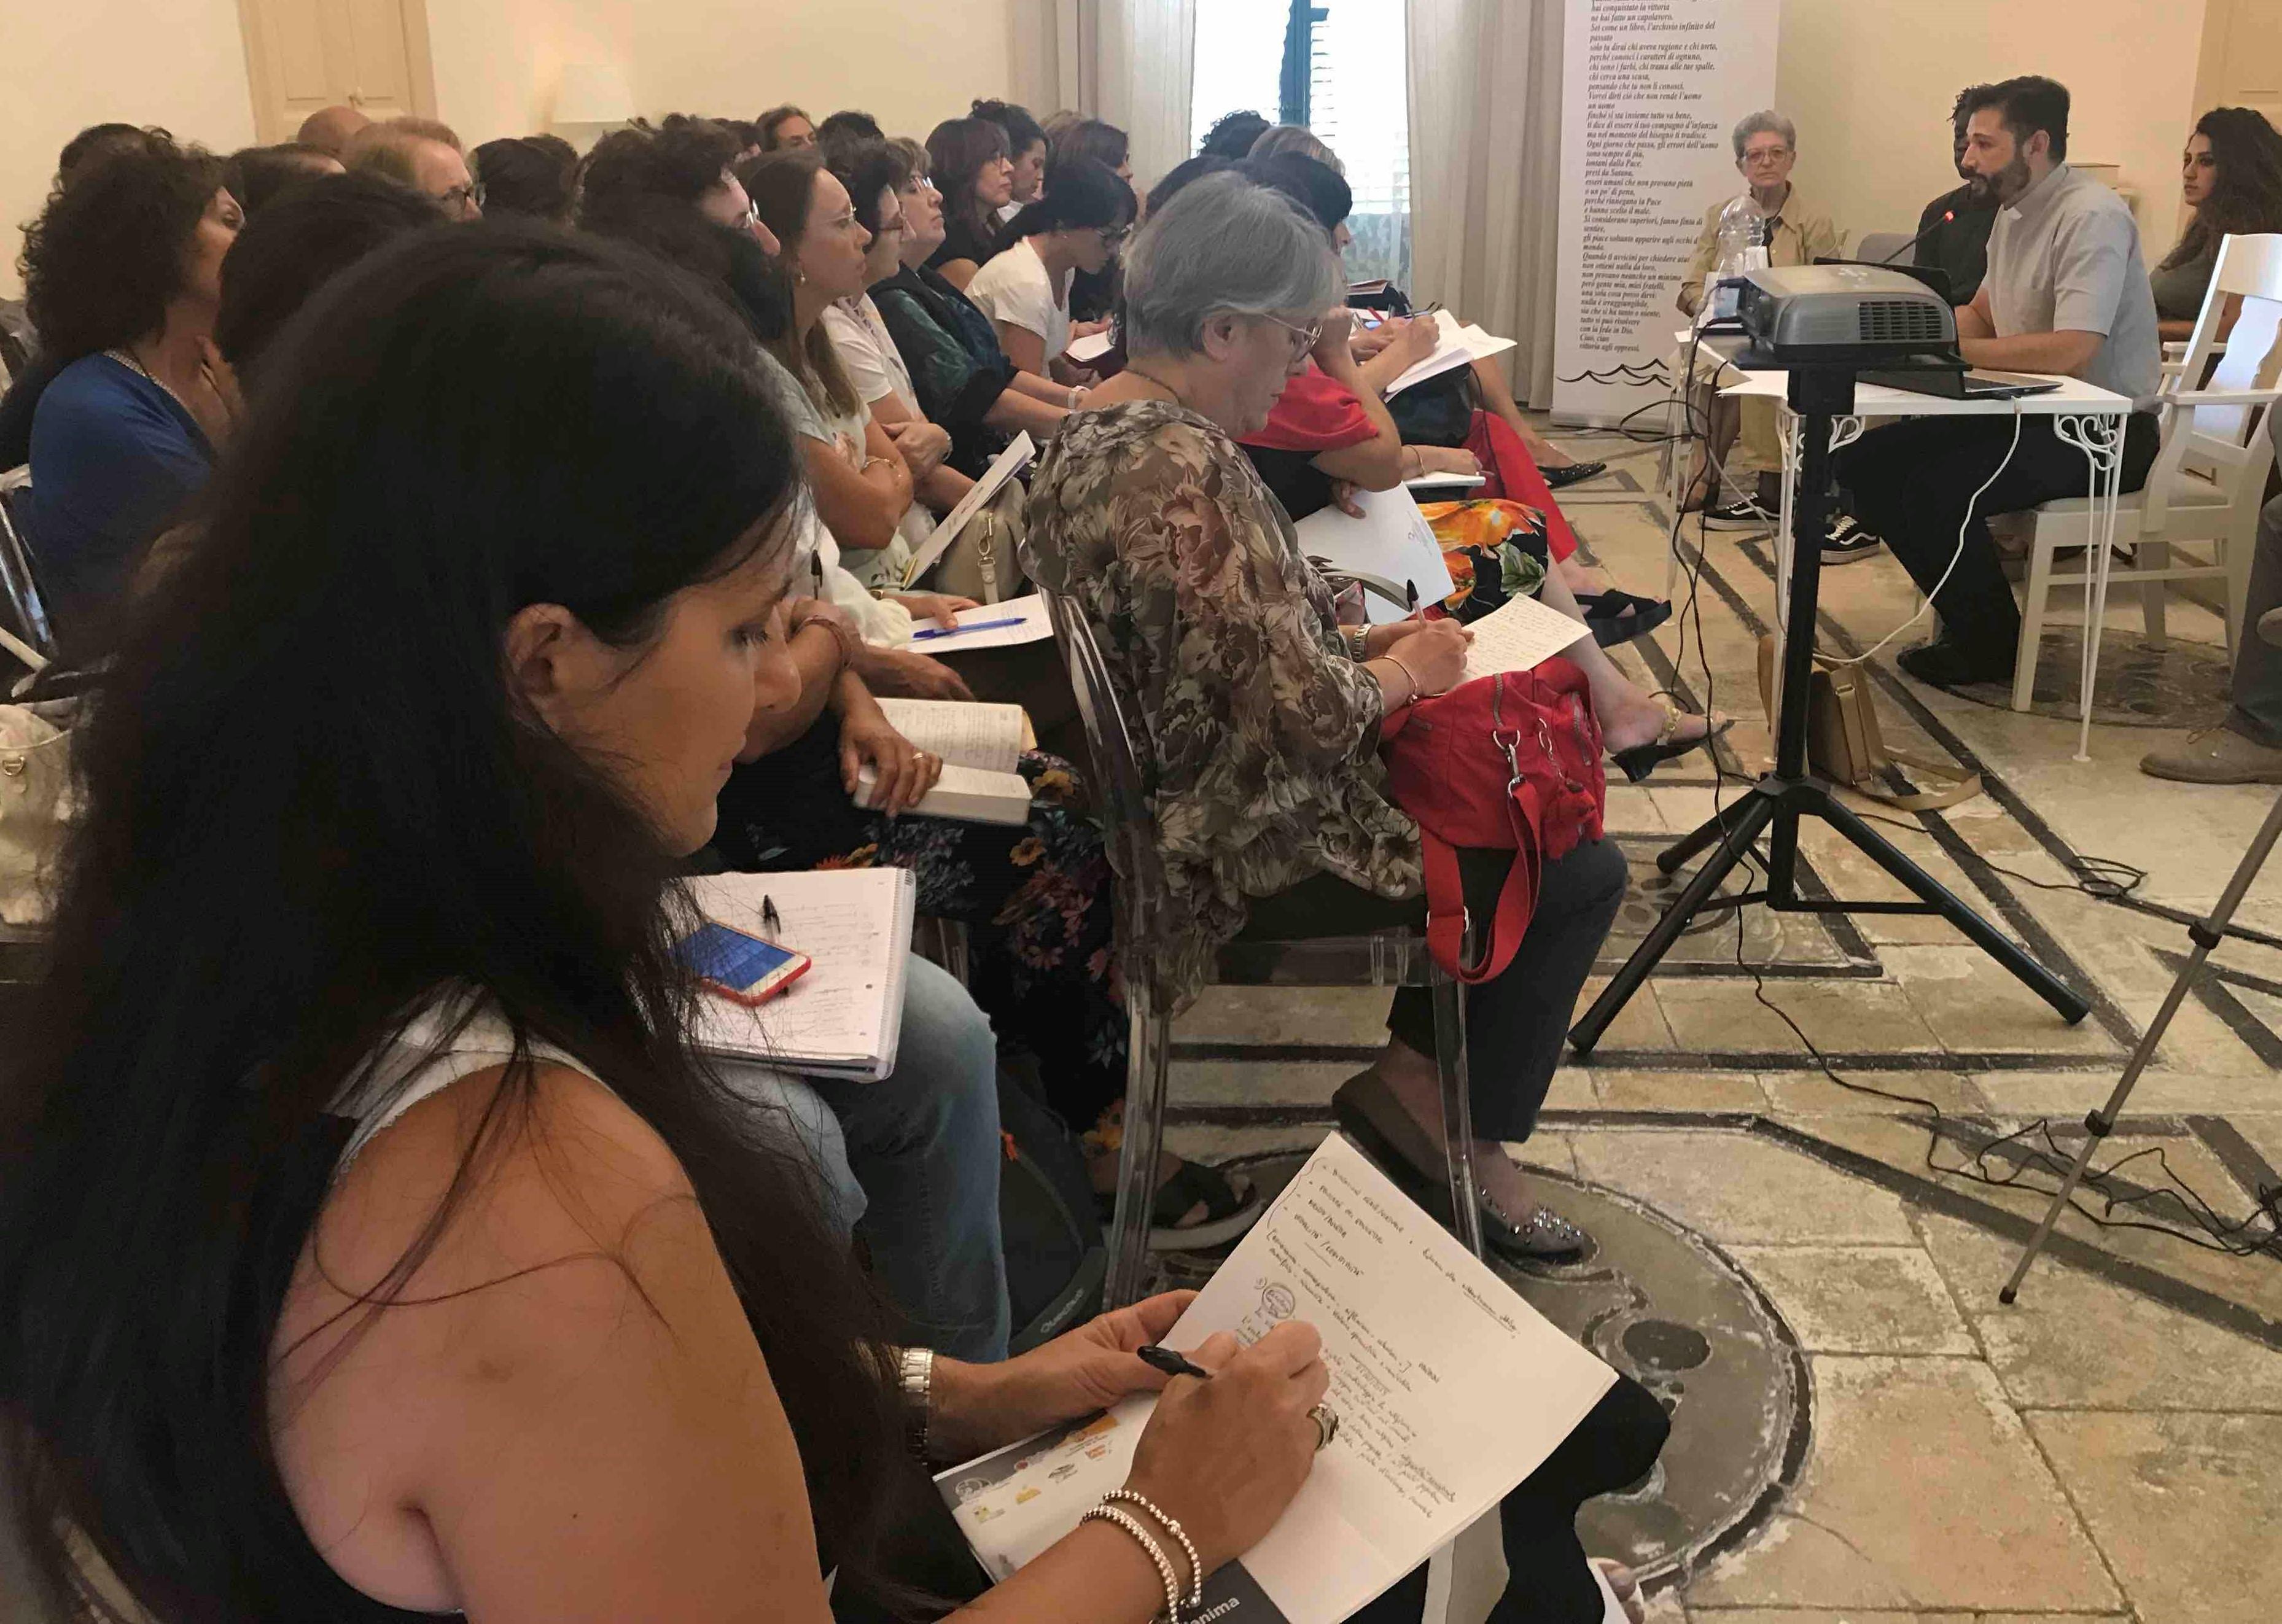 Modica, la città e i giovani: secondo incontro del corso per docenti e operatori sociali